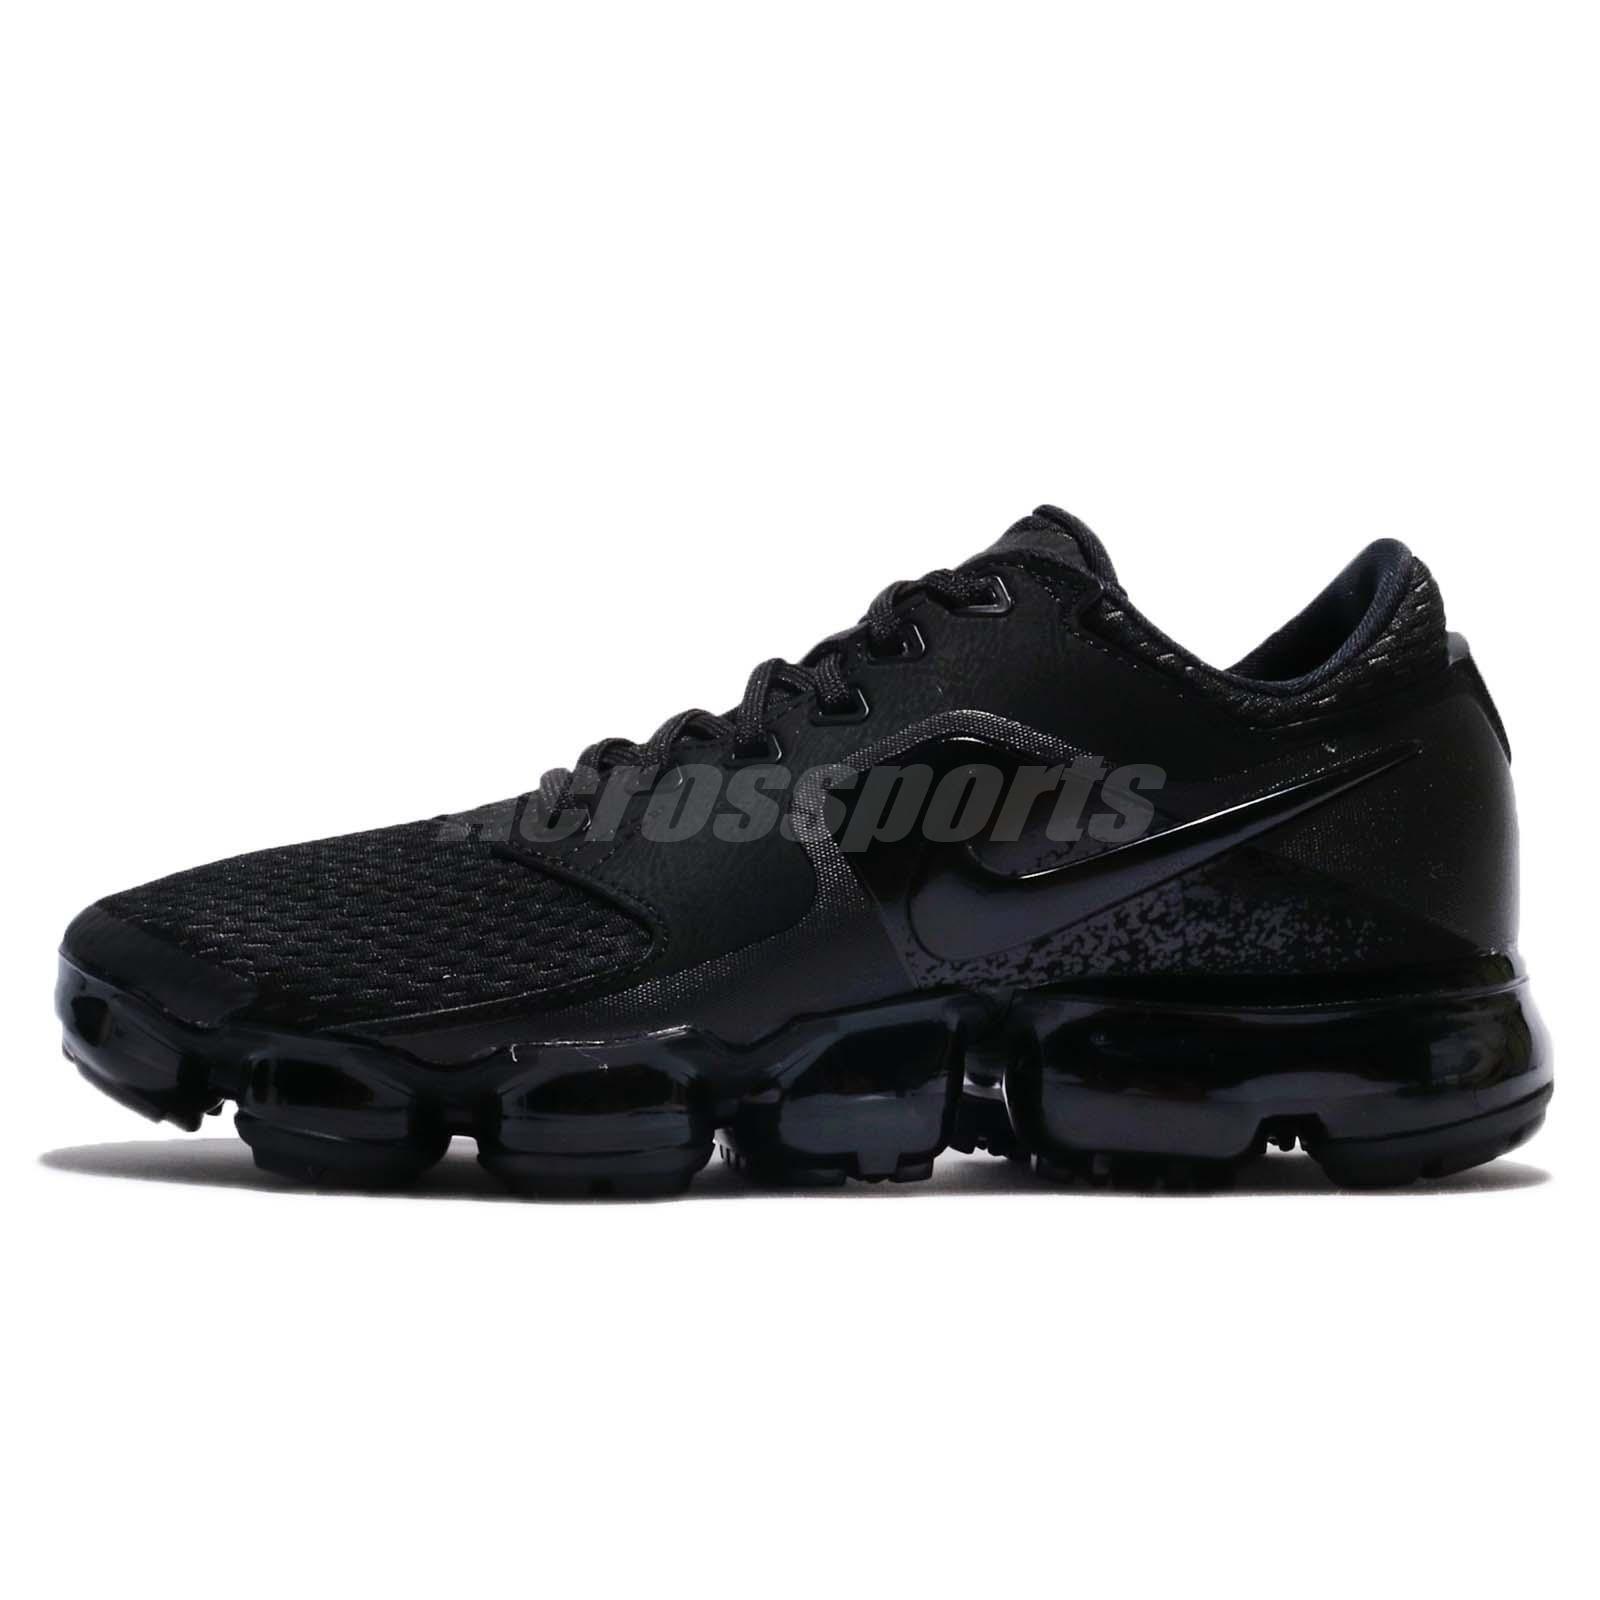 official photos 77e4d 4b9bf WMNS Nike Air vapormax Malla Triple Triple Triple Negro Mujer running Shoes  Sneakers ah9045-002 estacional de recortes de precios, beneficios de  descuentos ...